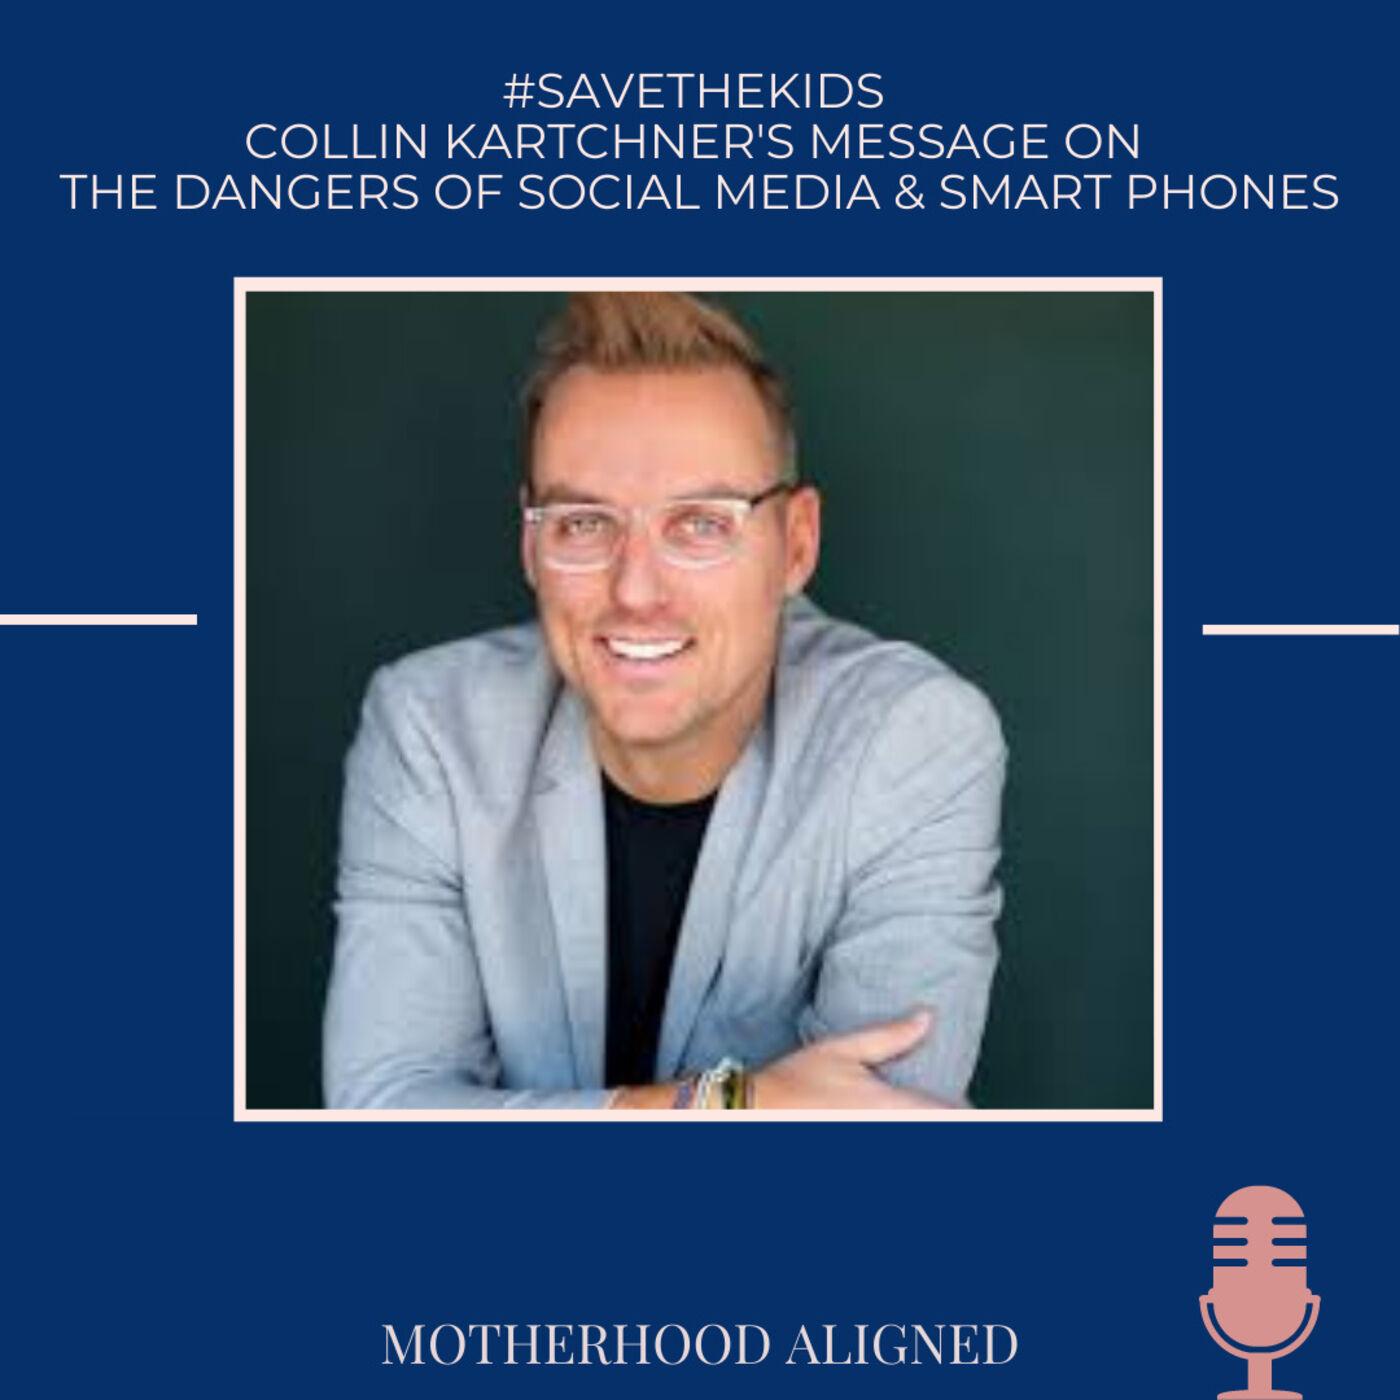 #SaveTheKids Collin Kartchner's Message on the Dangers of Social Media & Smart Phones